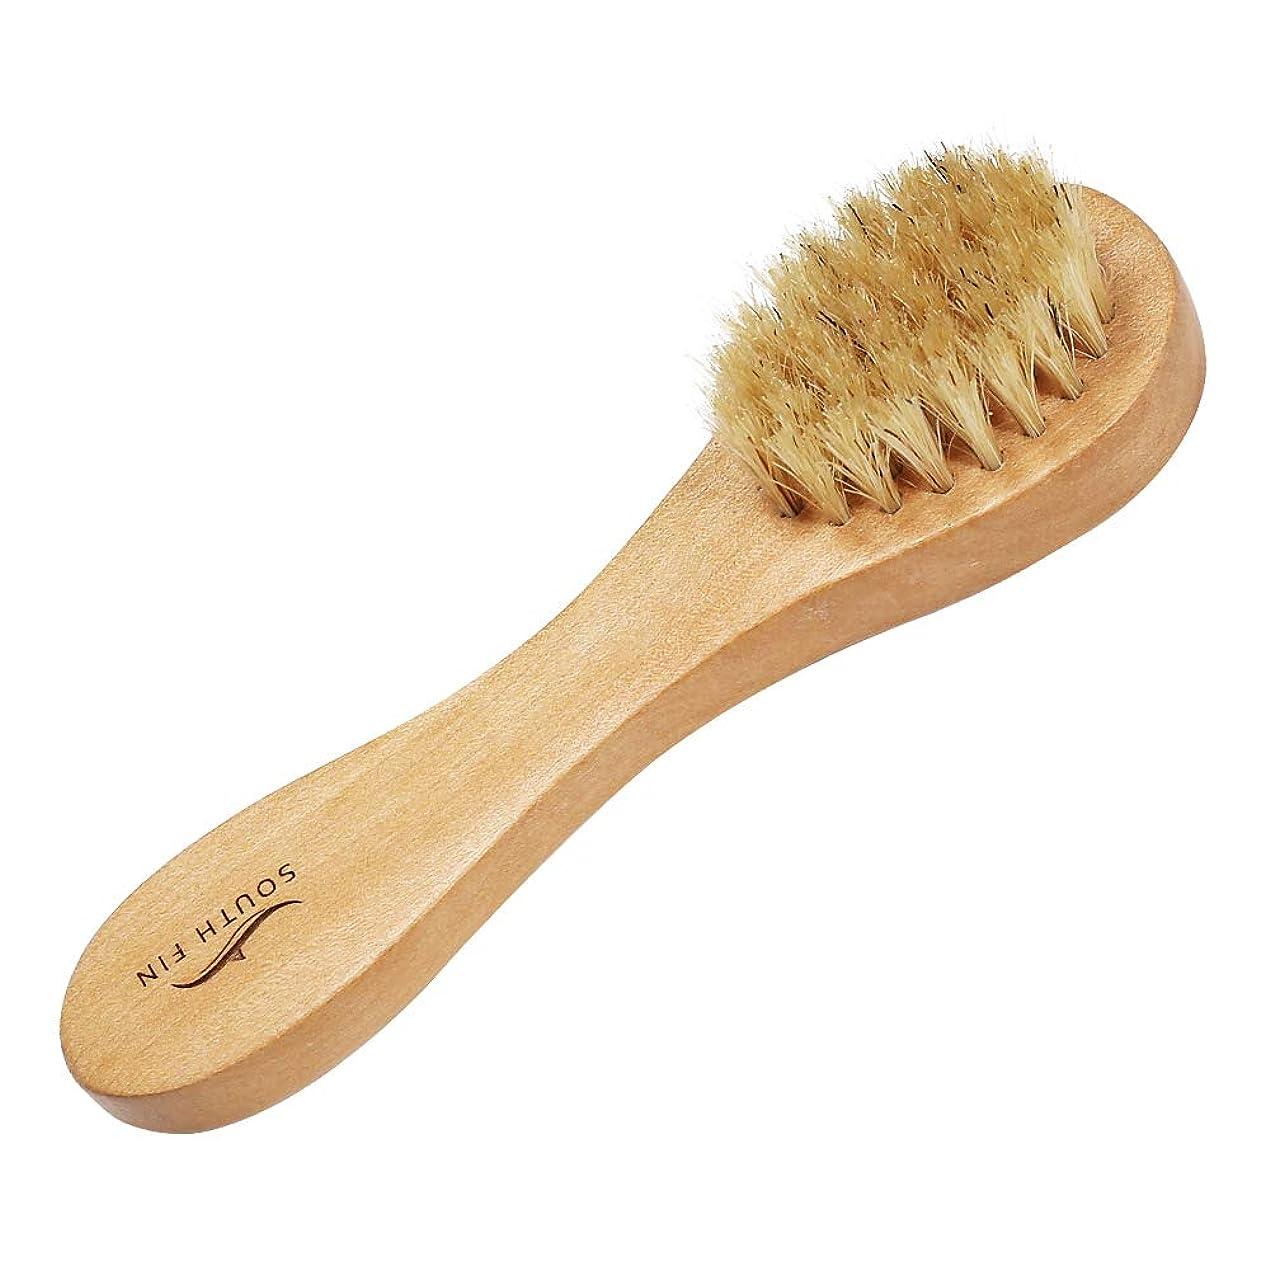 能力隔離する同時Decdeal 洗顔ブラシ フェイシャルブラシ 洗顔器 美顔器 マッサージ 美肌 手動/長柄